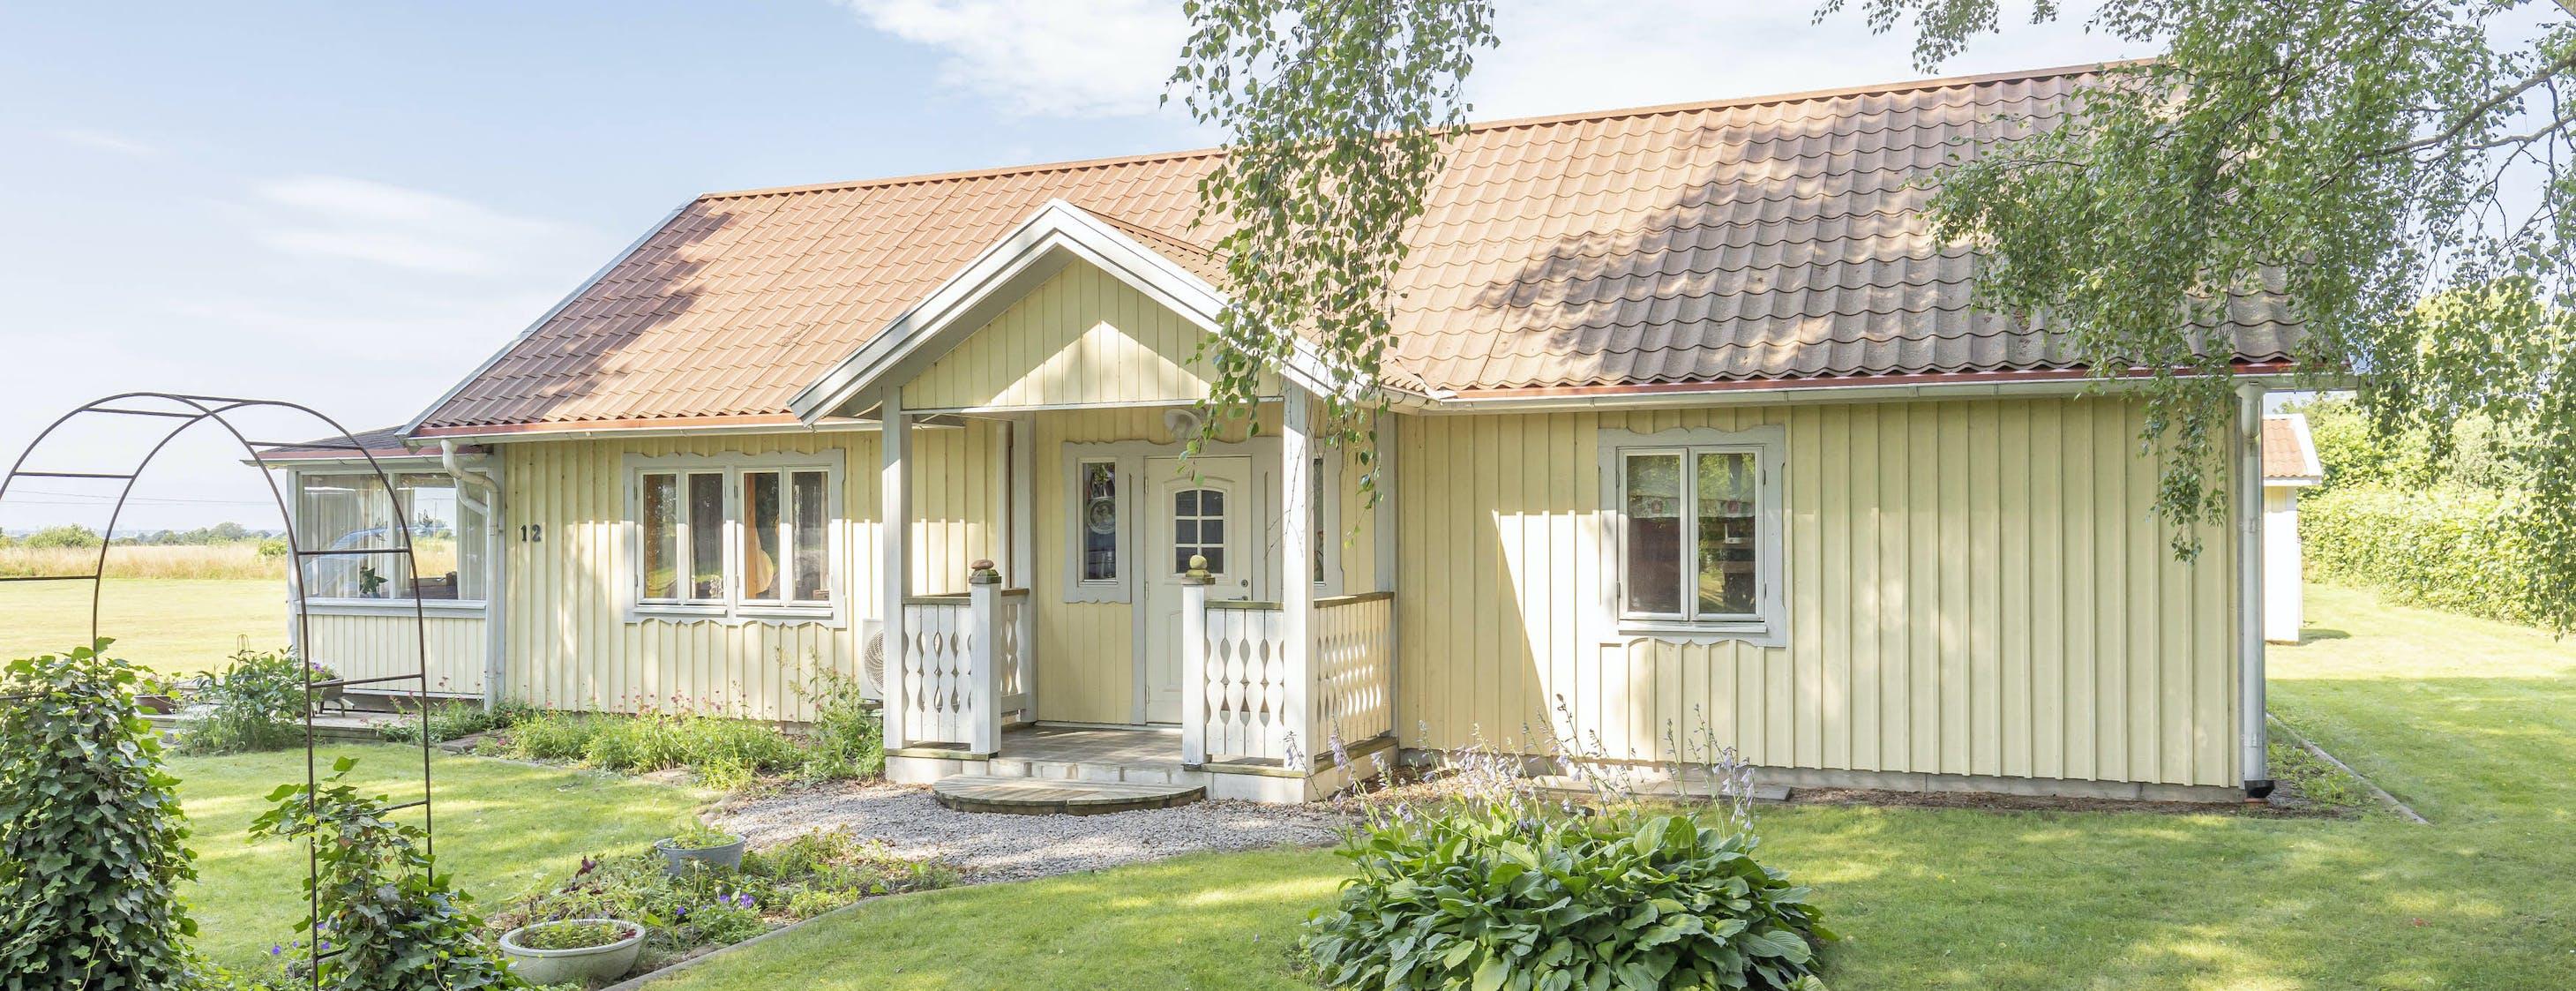 Engströms väg 12 Karlevi